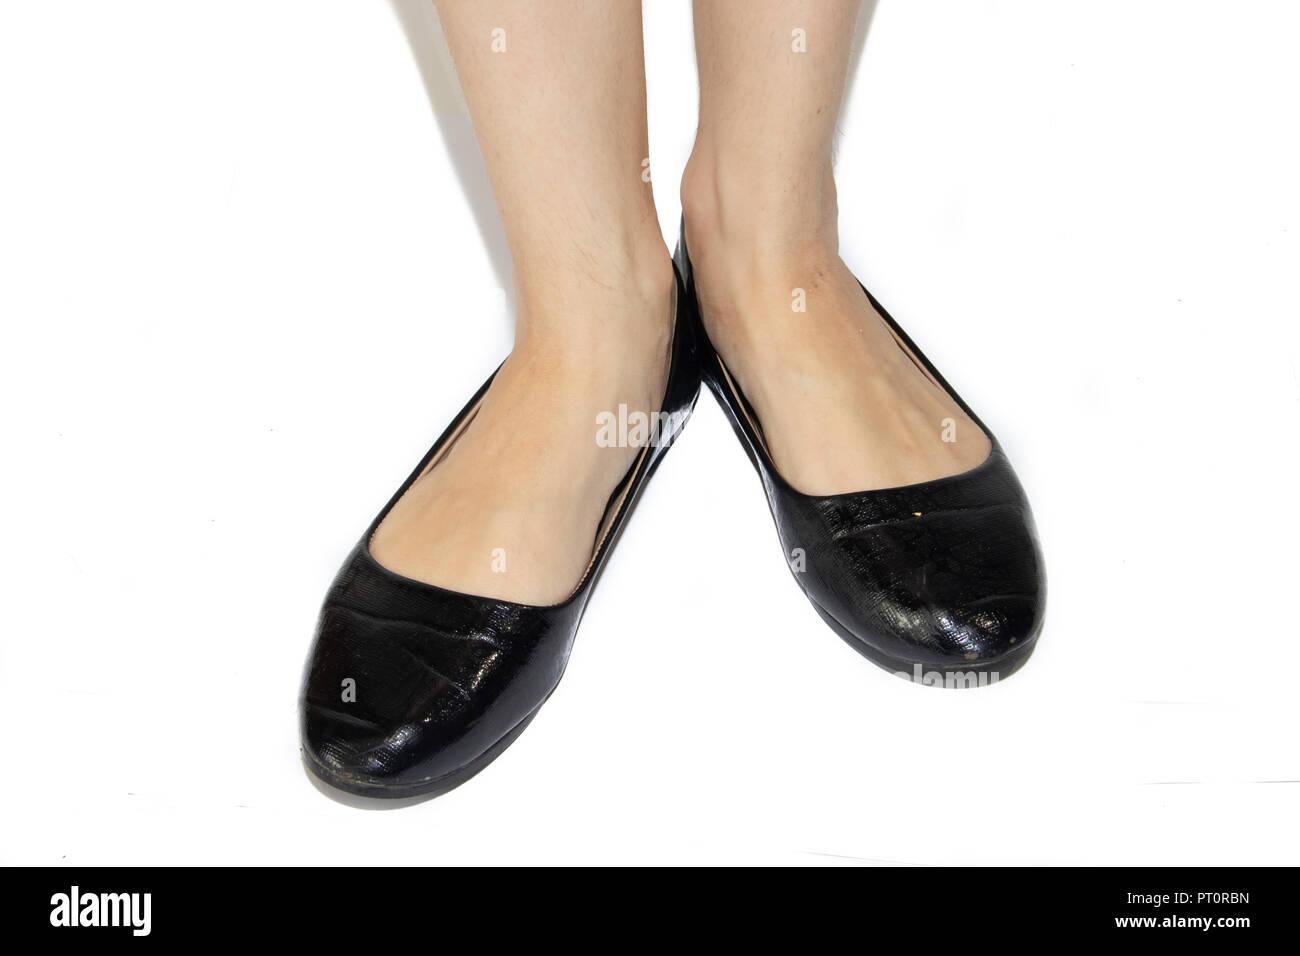 Black Ballet Flats High Resolution